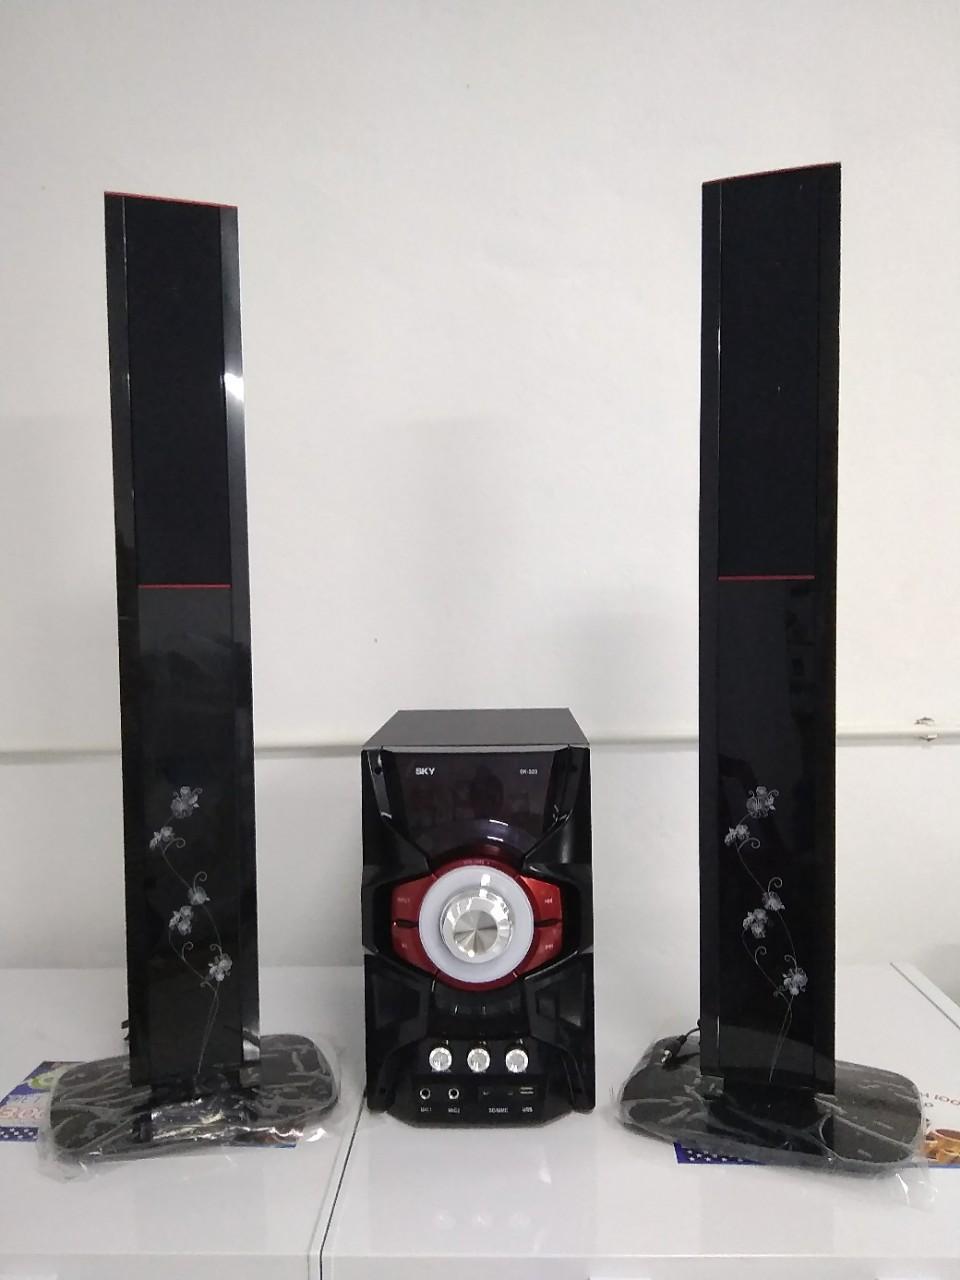 Dàn Loa ISKY SK- 323 2.1 chất lượng âm thanh tuyệt hảo